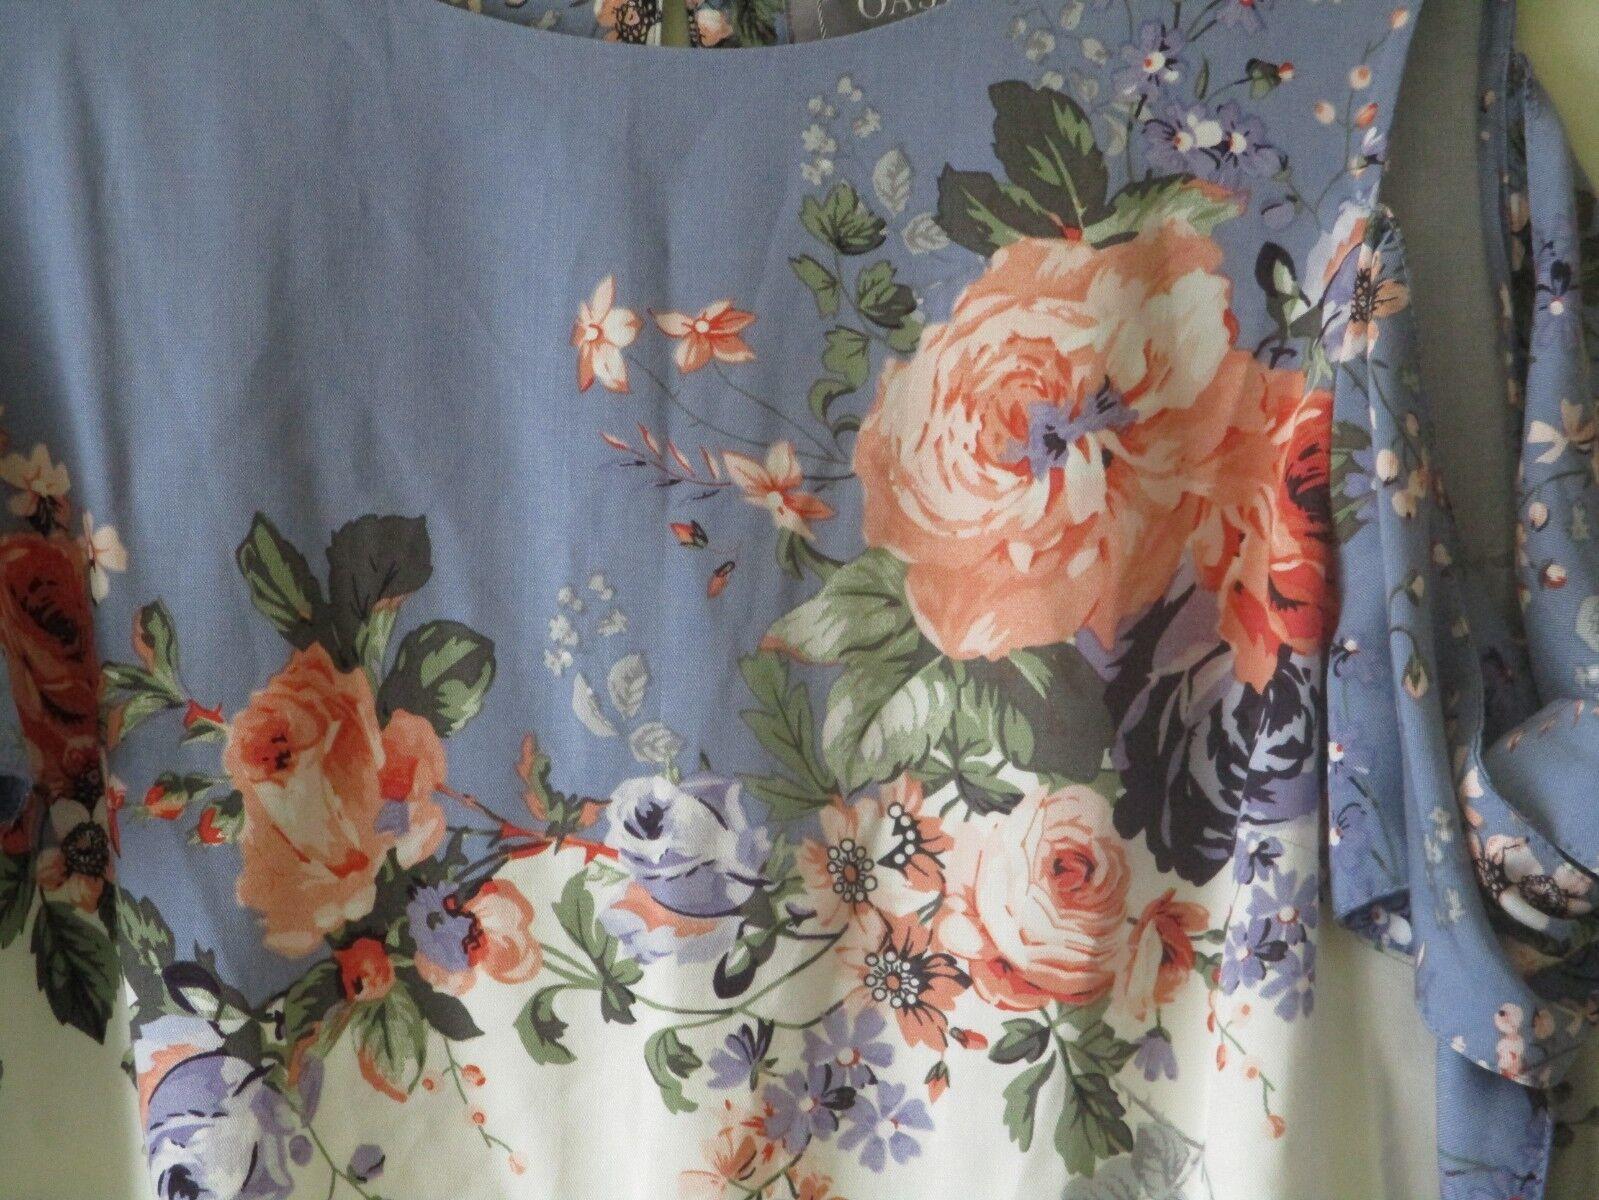 Top blu Oasis Camicetta CORALLO Provence rosa Cravatta Freddo Freddo Freddo Spalla SZ 8 NUOVI be6891